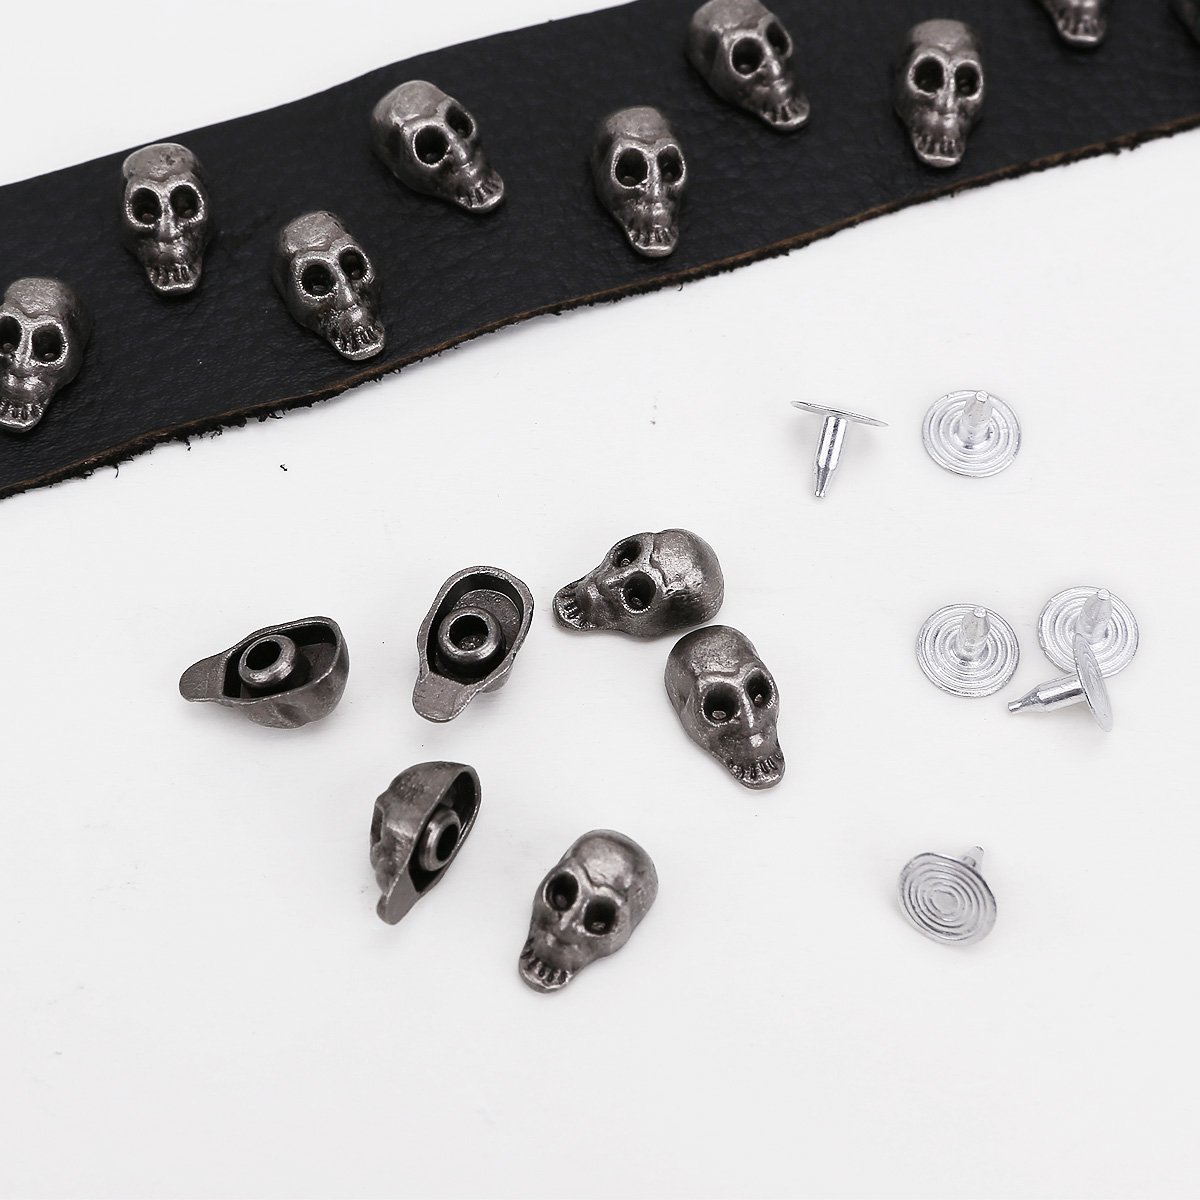 30 Metall Totenkopf Nieten Ledernieten Skull Ziernieten Basteln Schuhe Tasche